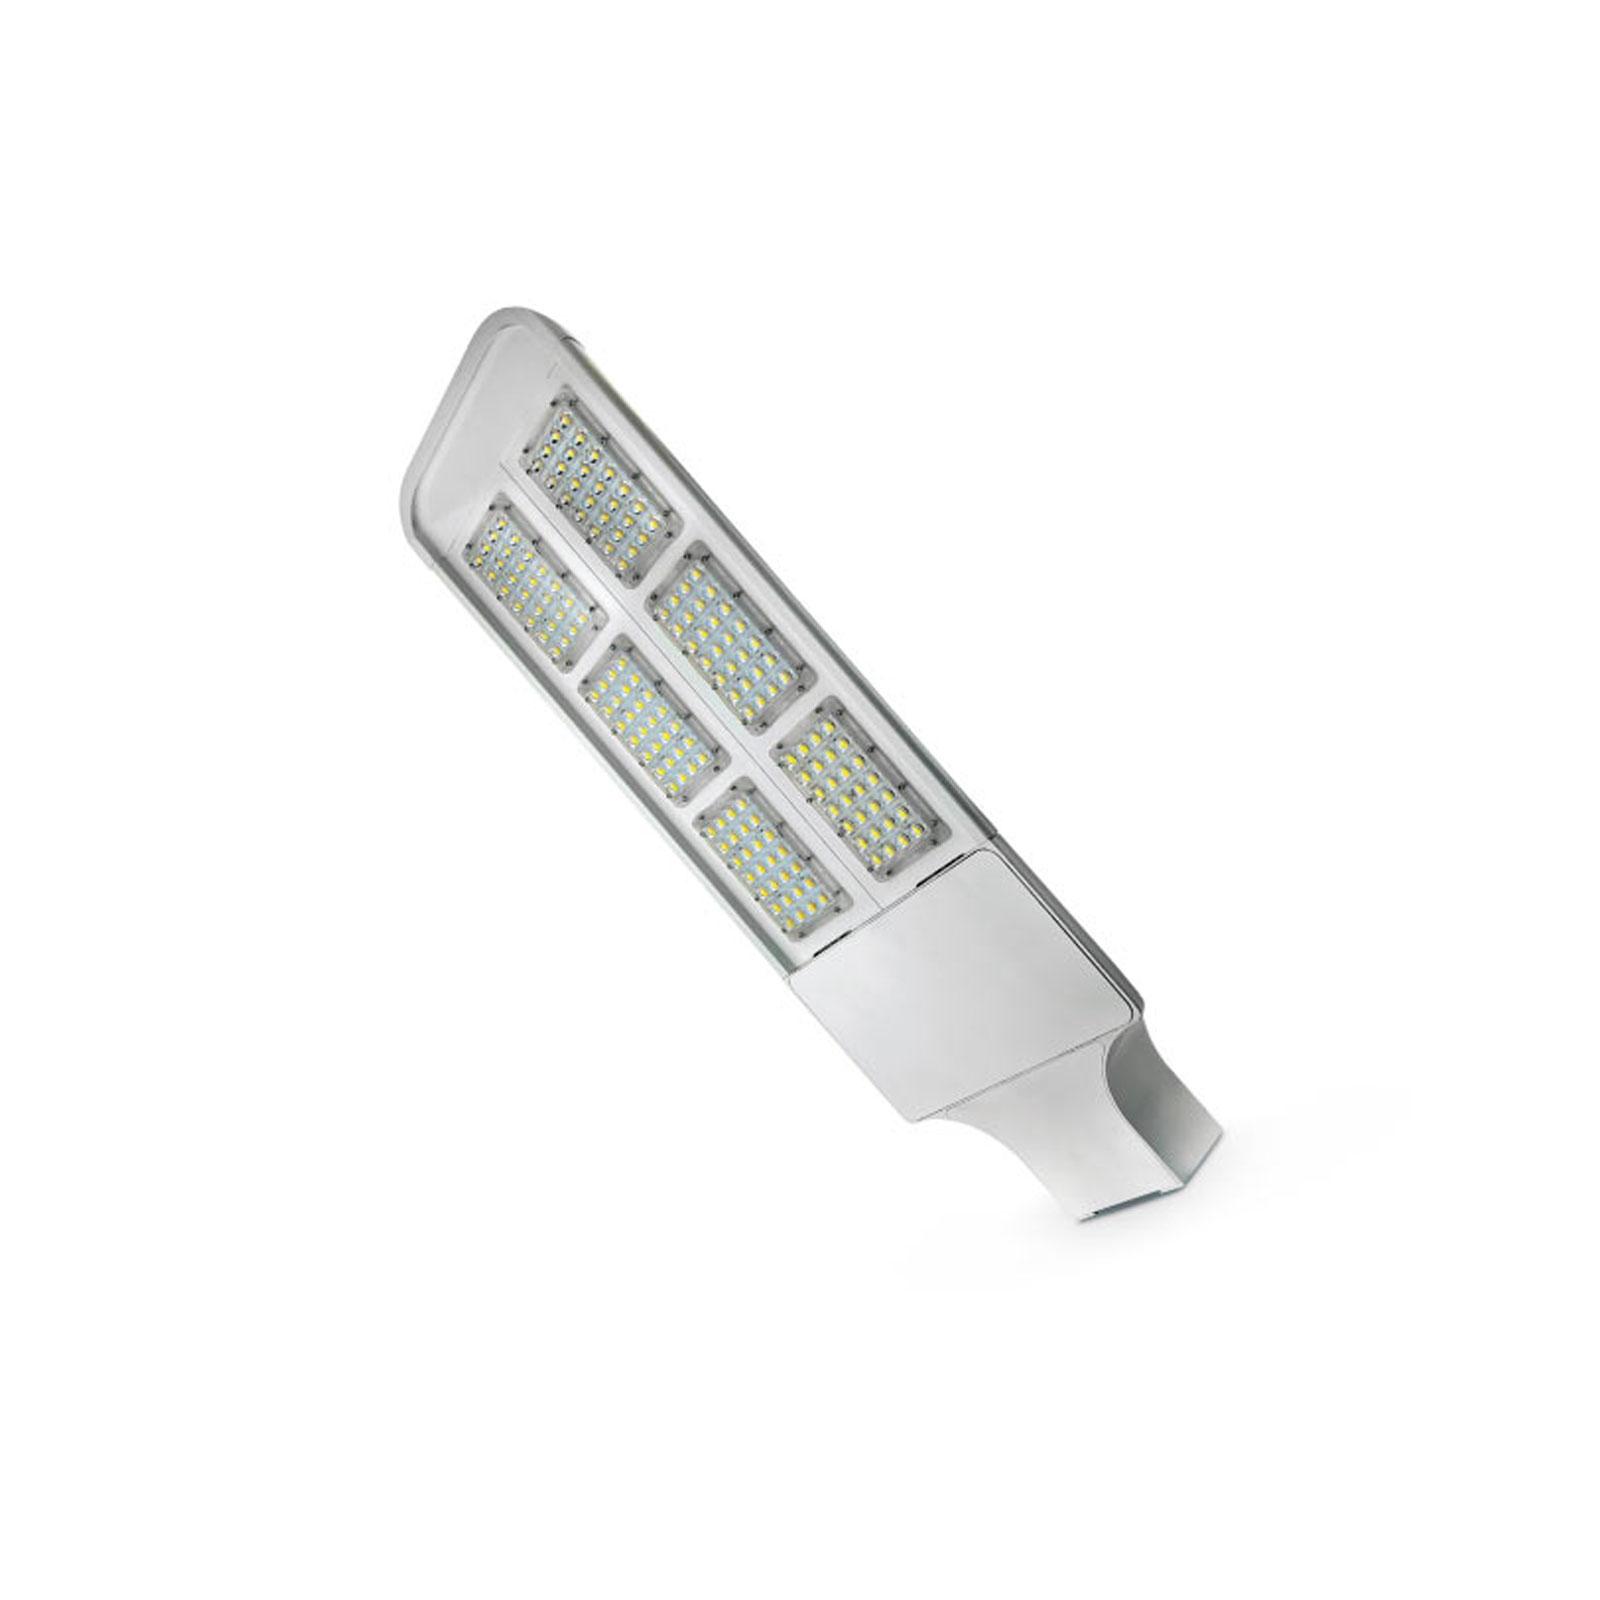 چراغ خیابانی 168 وات آلتون رای مدل داینا